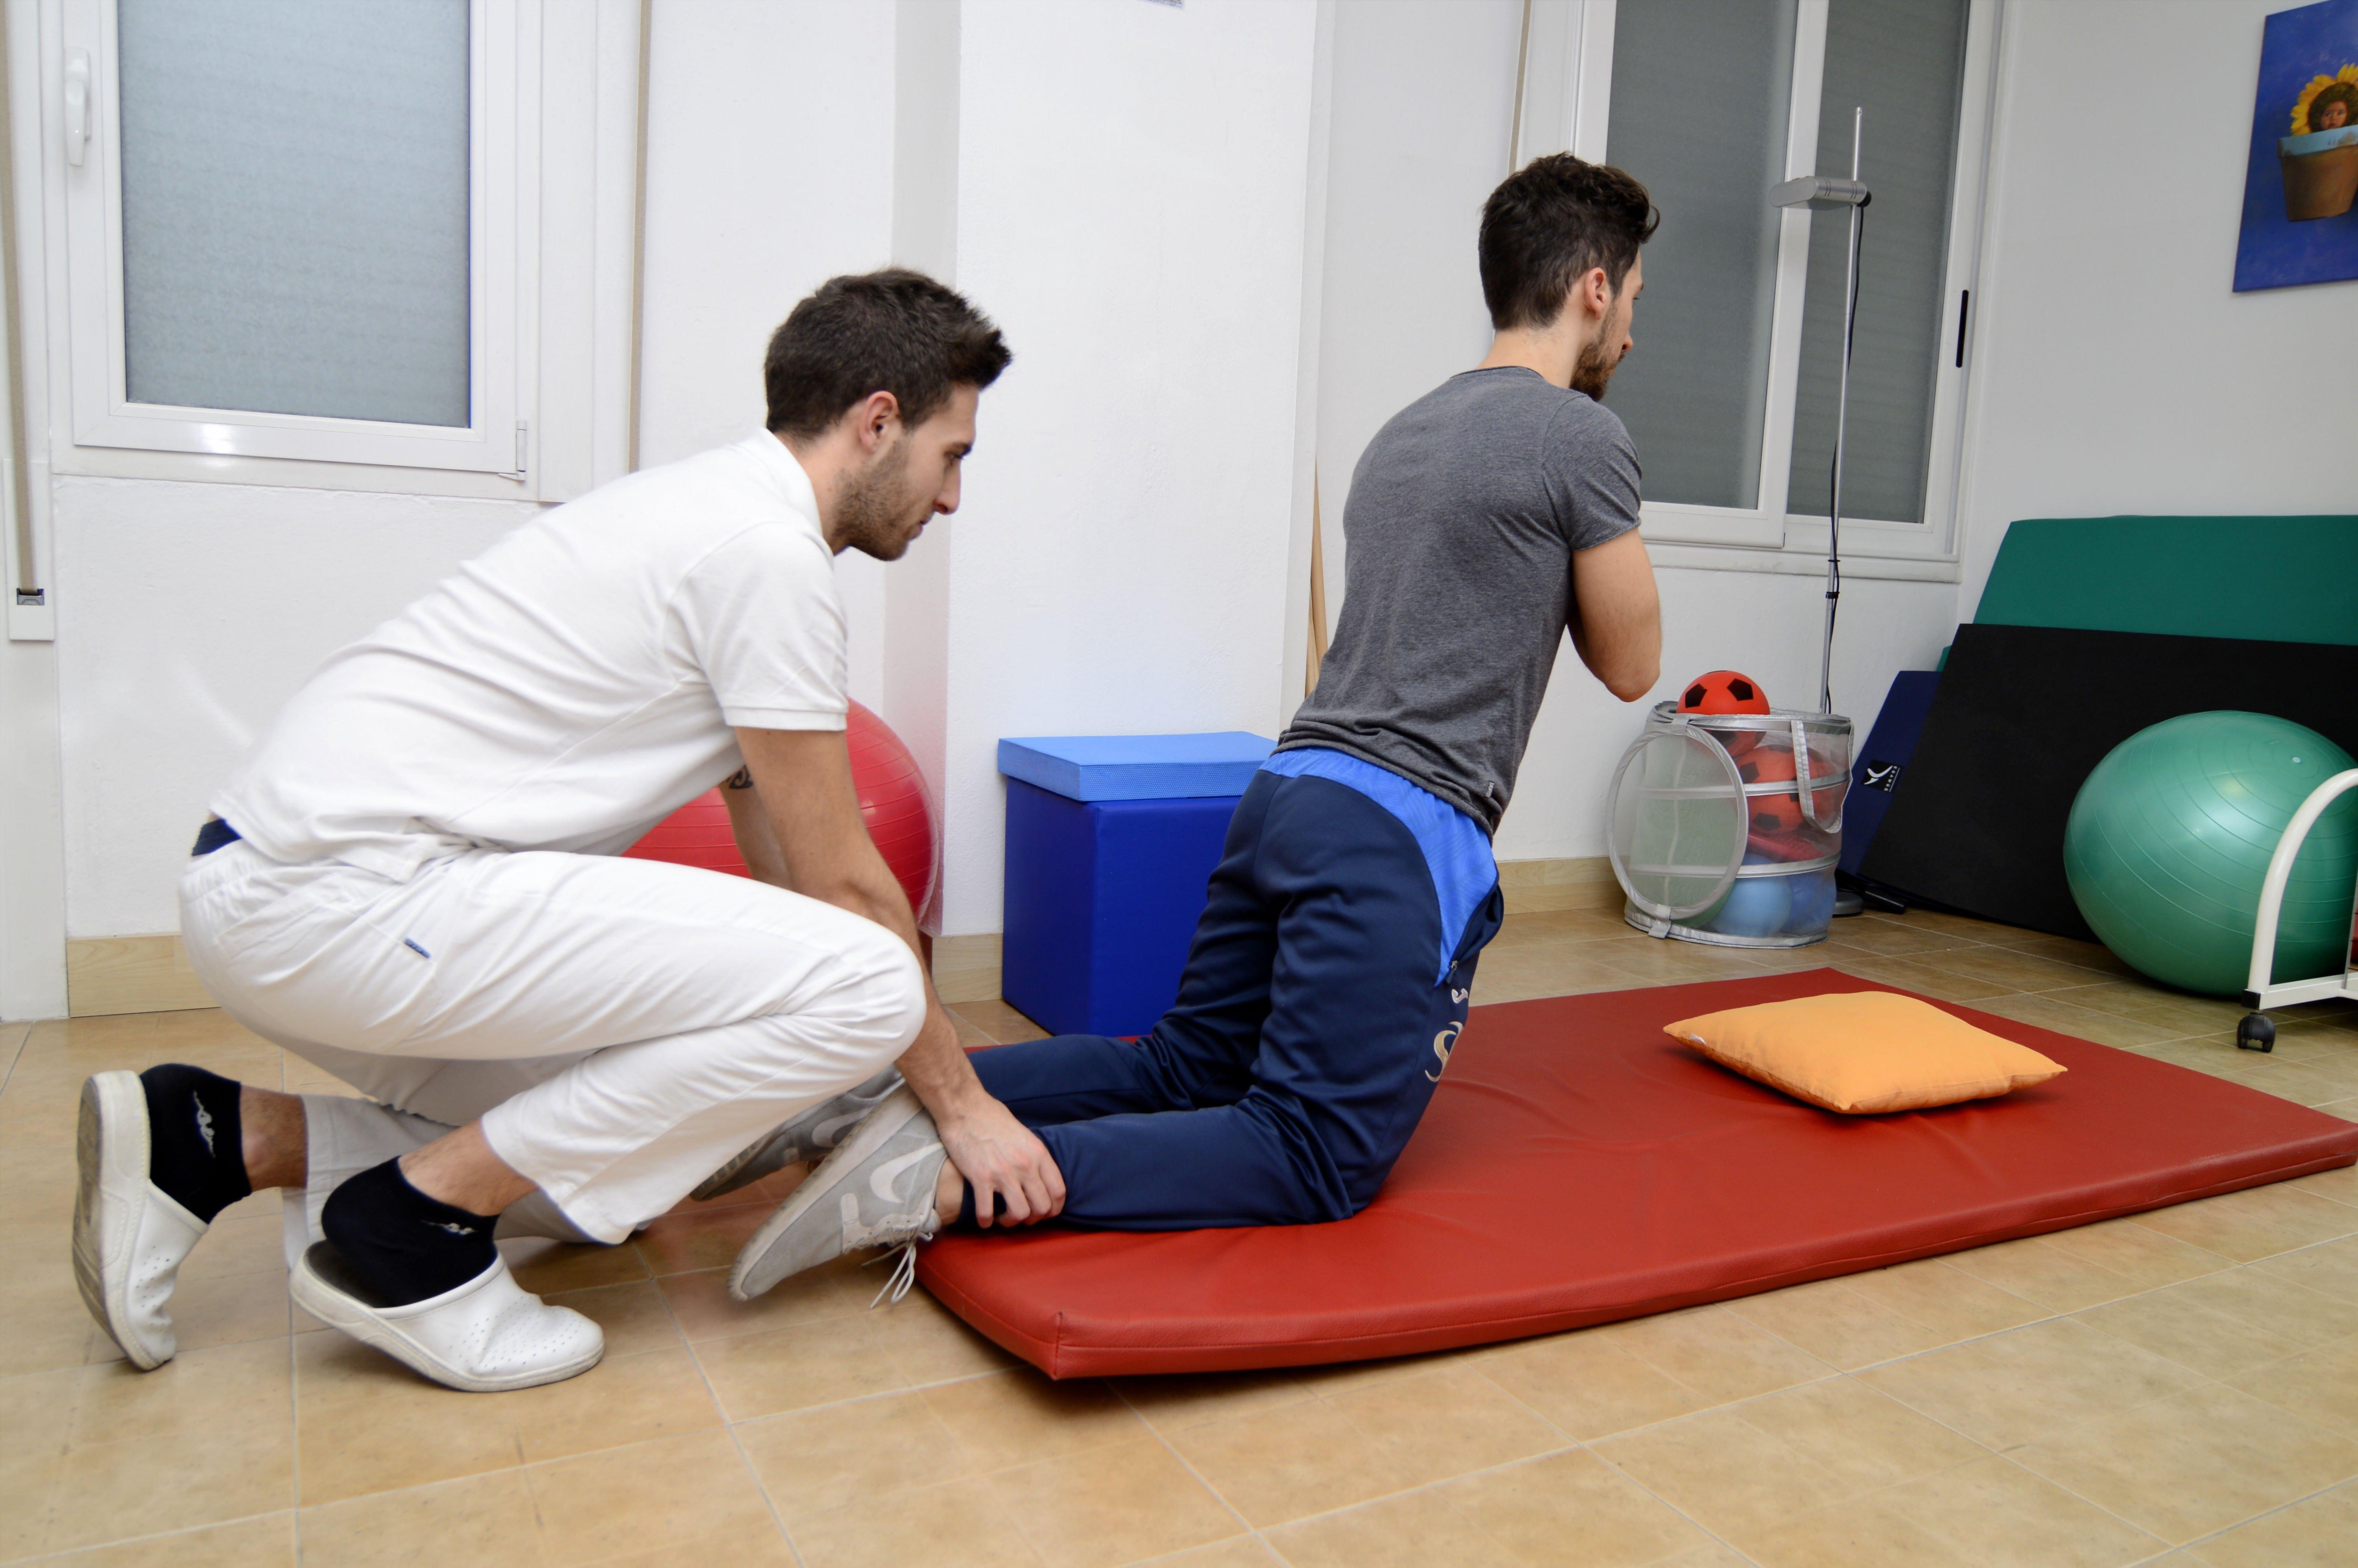 Fisioterapista tiene le gambe di un paziente che fa un esercizio